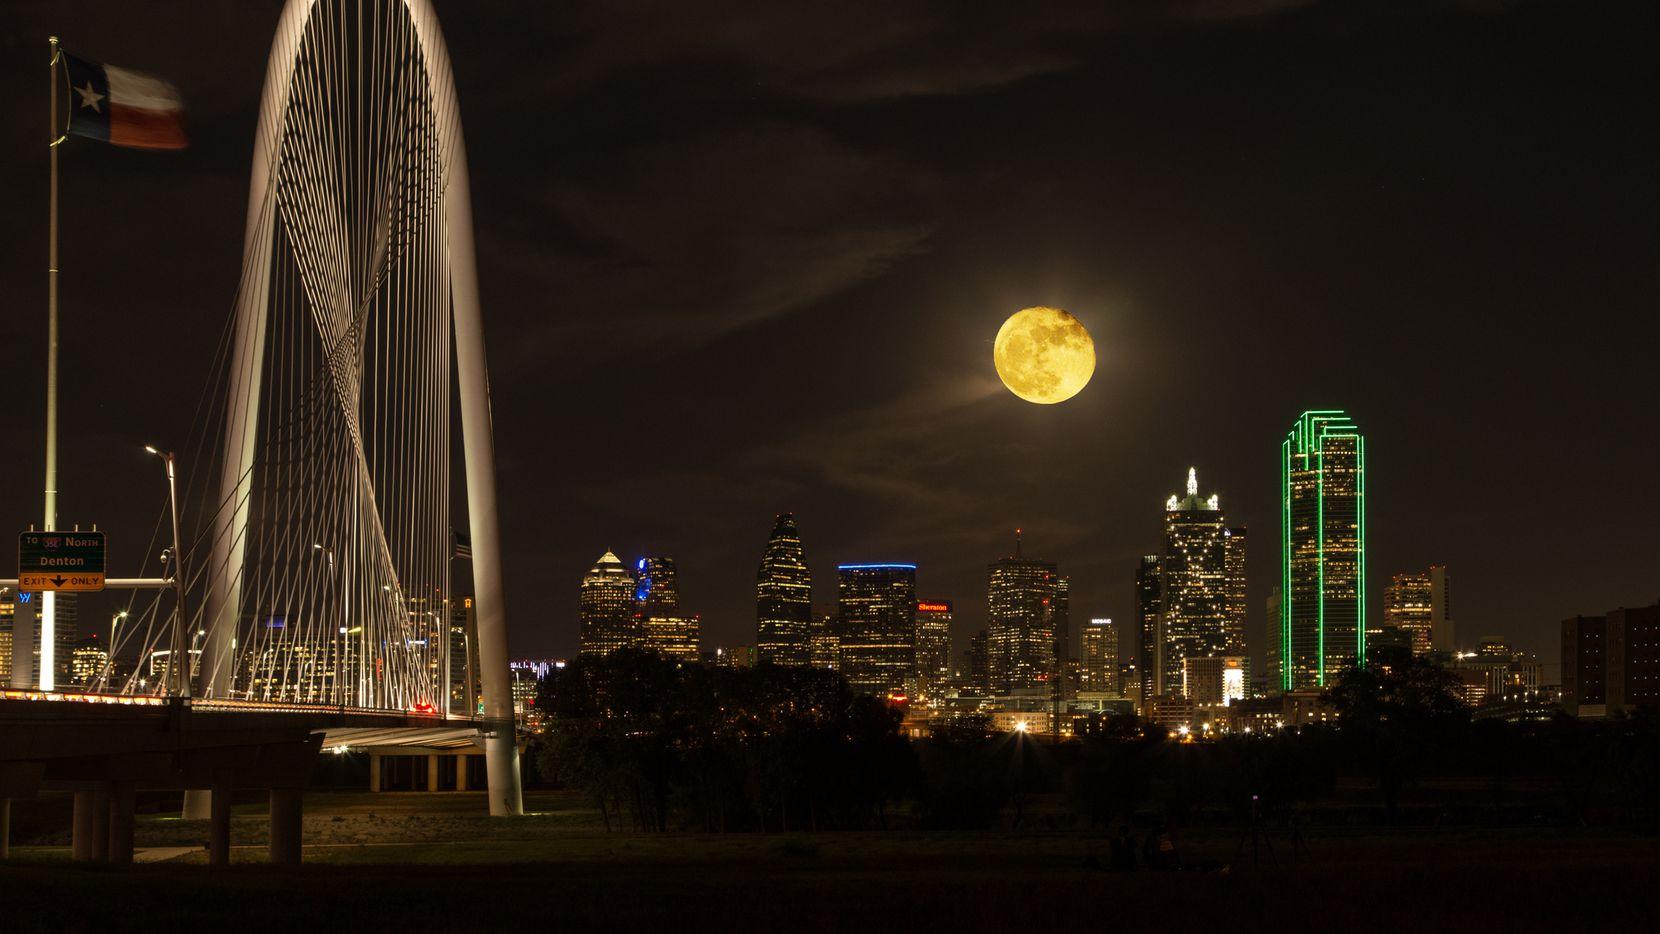 """La madrugada de este lunes podrá verse una superluna """"de sangre"""" y un eclipse lunar desde el Norte de Texas, por lo que podrá observarse a la luna en color rojo."""